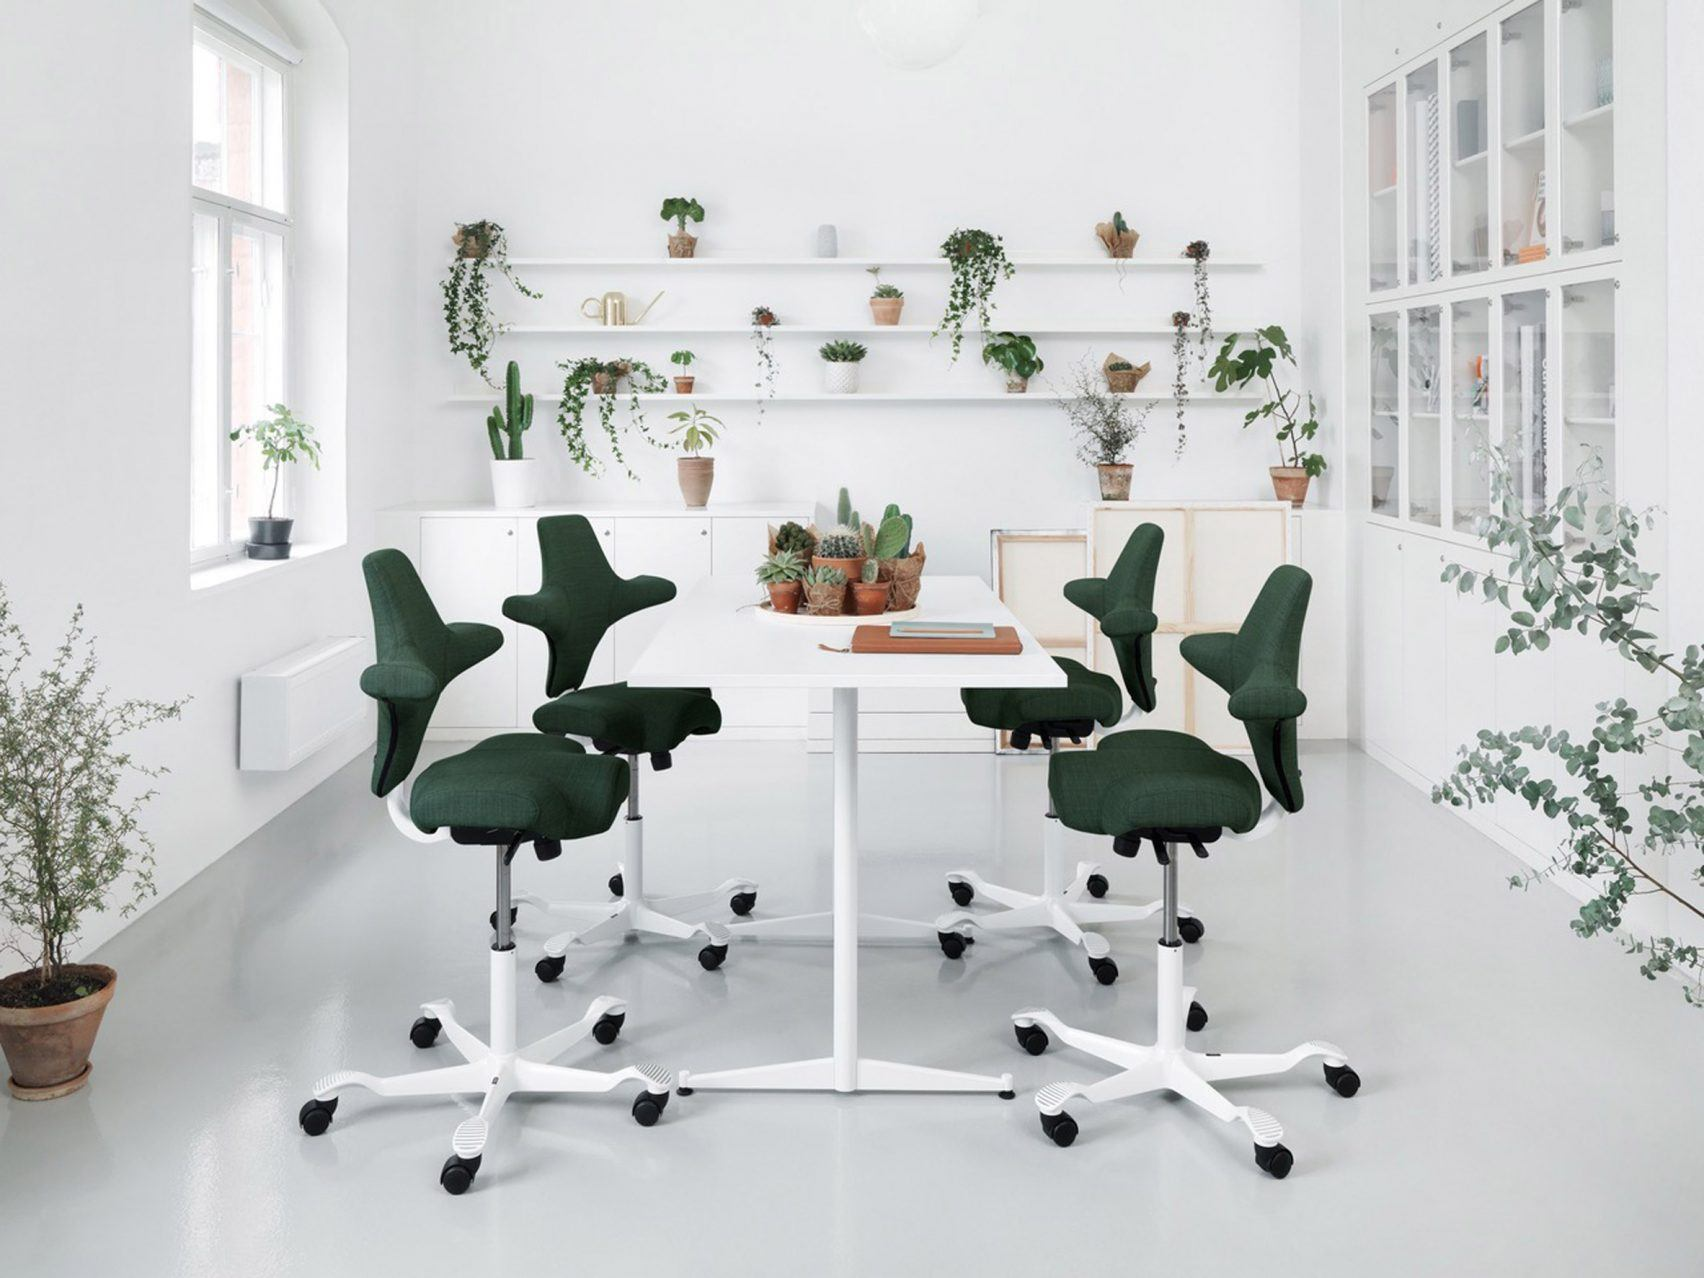 5 sedie di design (sostenibile) per portare l'attenzione all'ambiente anche in ufficio